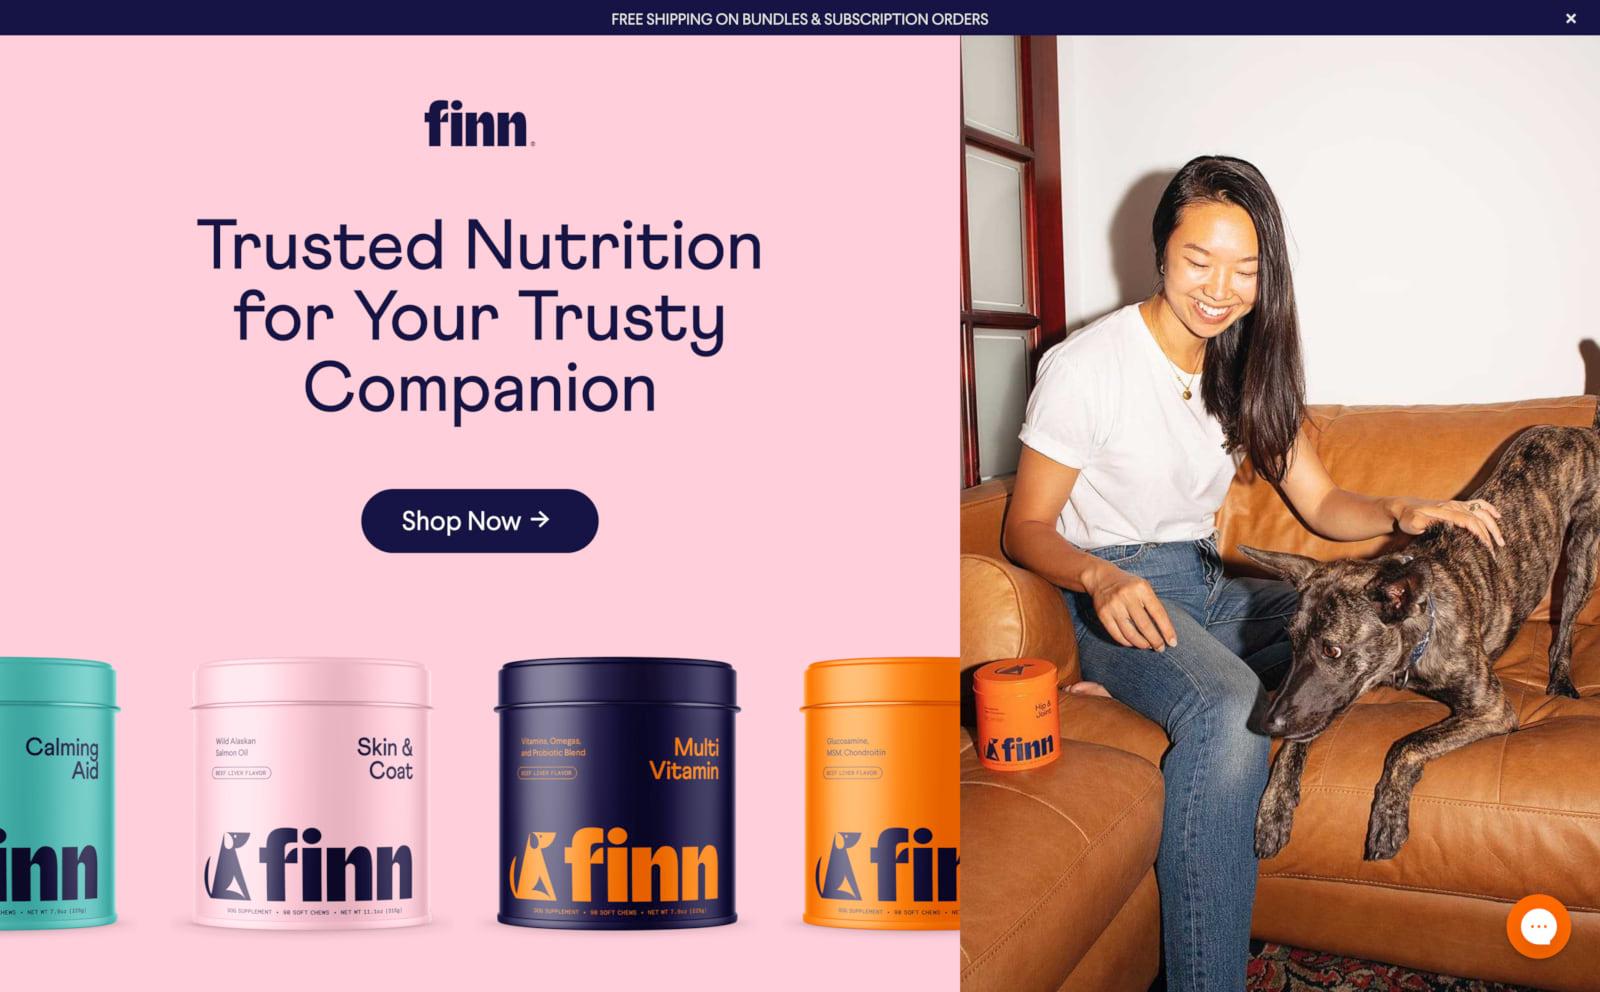 Finn Screenshot Thumbnail